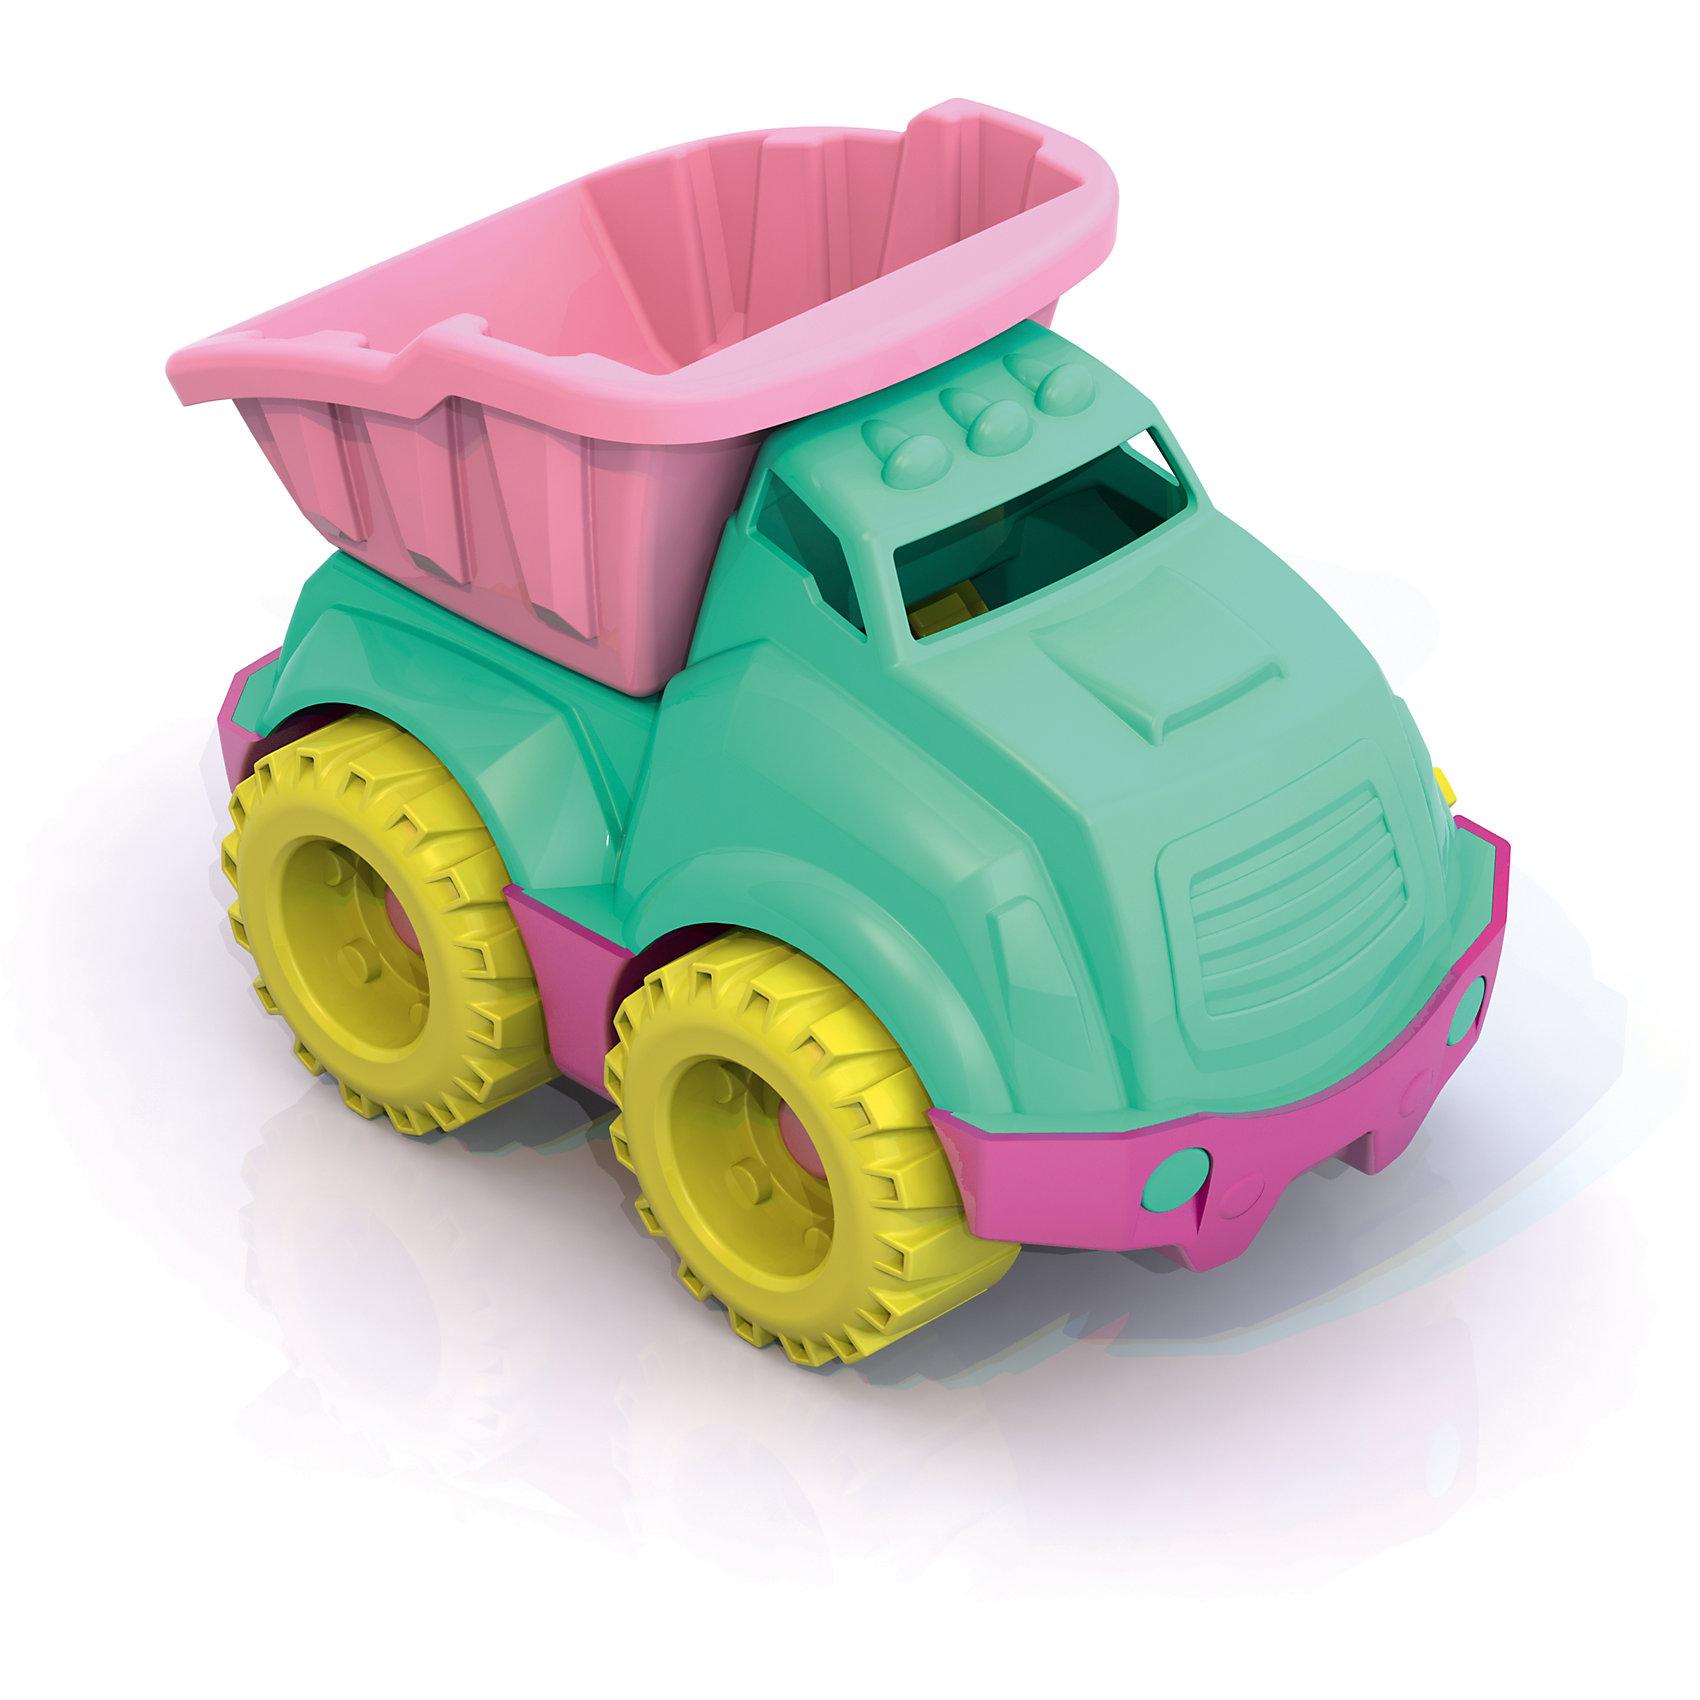 Грузовик, ШкодаГрузовичок, Шкода из серии Моя любимая машинка- уникальная игрушка из пластмассы нового поколения, в производстве использованы очень яркие цвета и новые дизайнерские решения.<br><br>Дополнительная информация:<br><br>- размеры: (13,5*8,4*9,1)<br><br>Грузовик, Шкода можно купить в нашем магазине.<br><br>Ширина мм: 135<br>Глубина мм: 84<br>Высота мм: 91<br>Вес г: 70<br>Возраст от месяцев: 36<br>Возраст до месяцев: 72<br>Пол: Унисекс<br>Возраст: Детский<br>SKU: 4104896